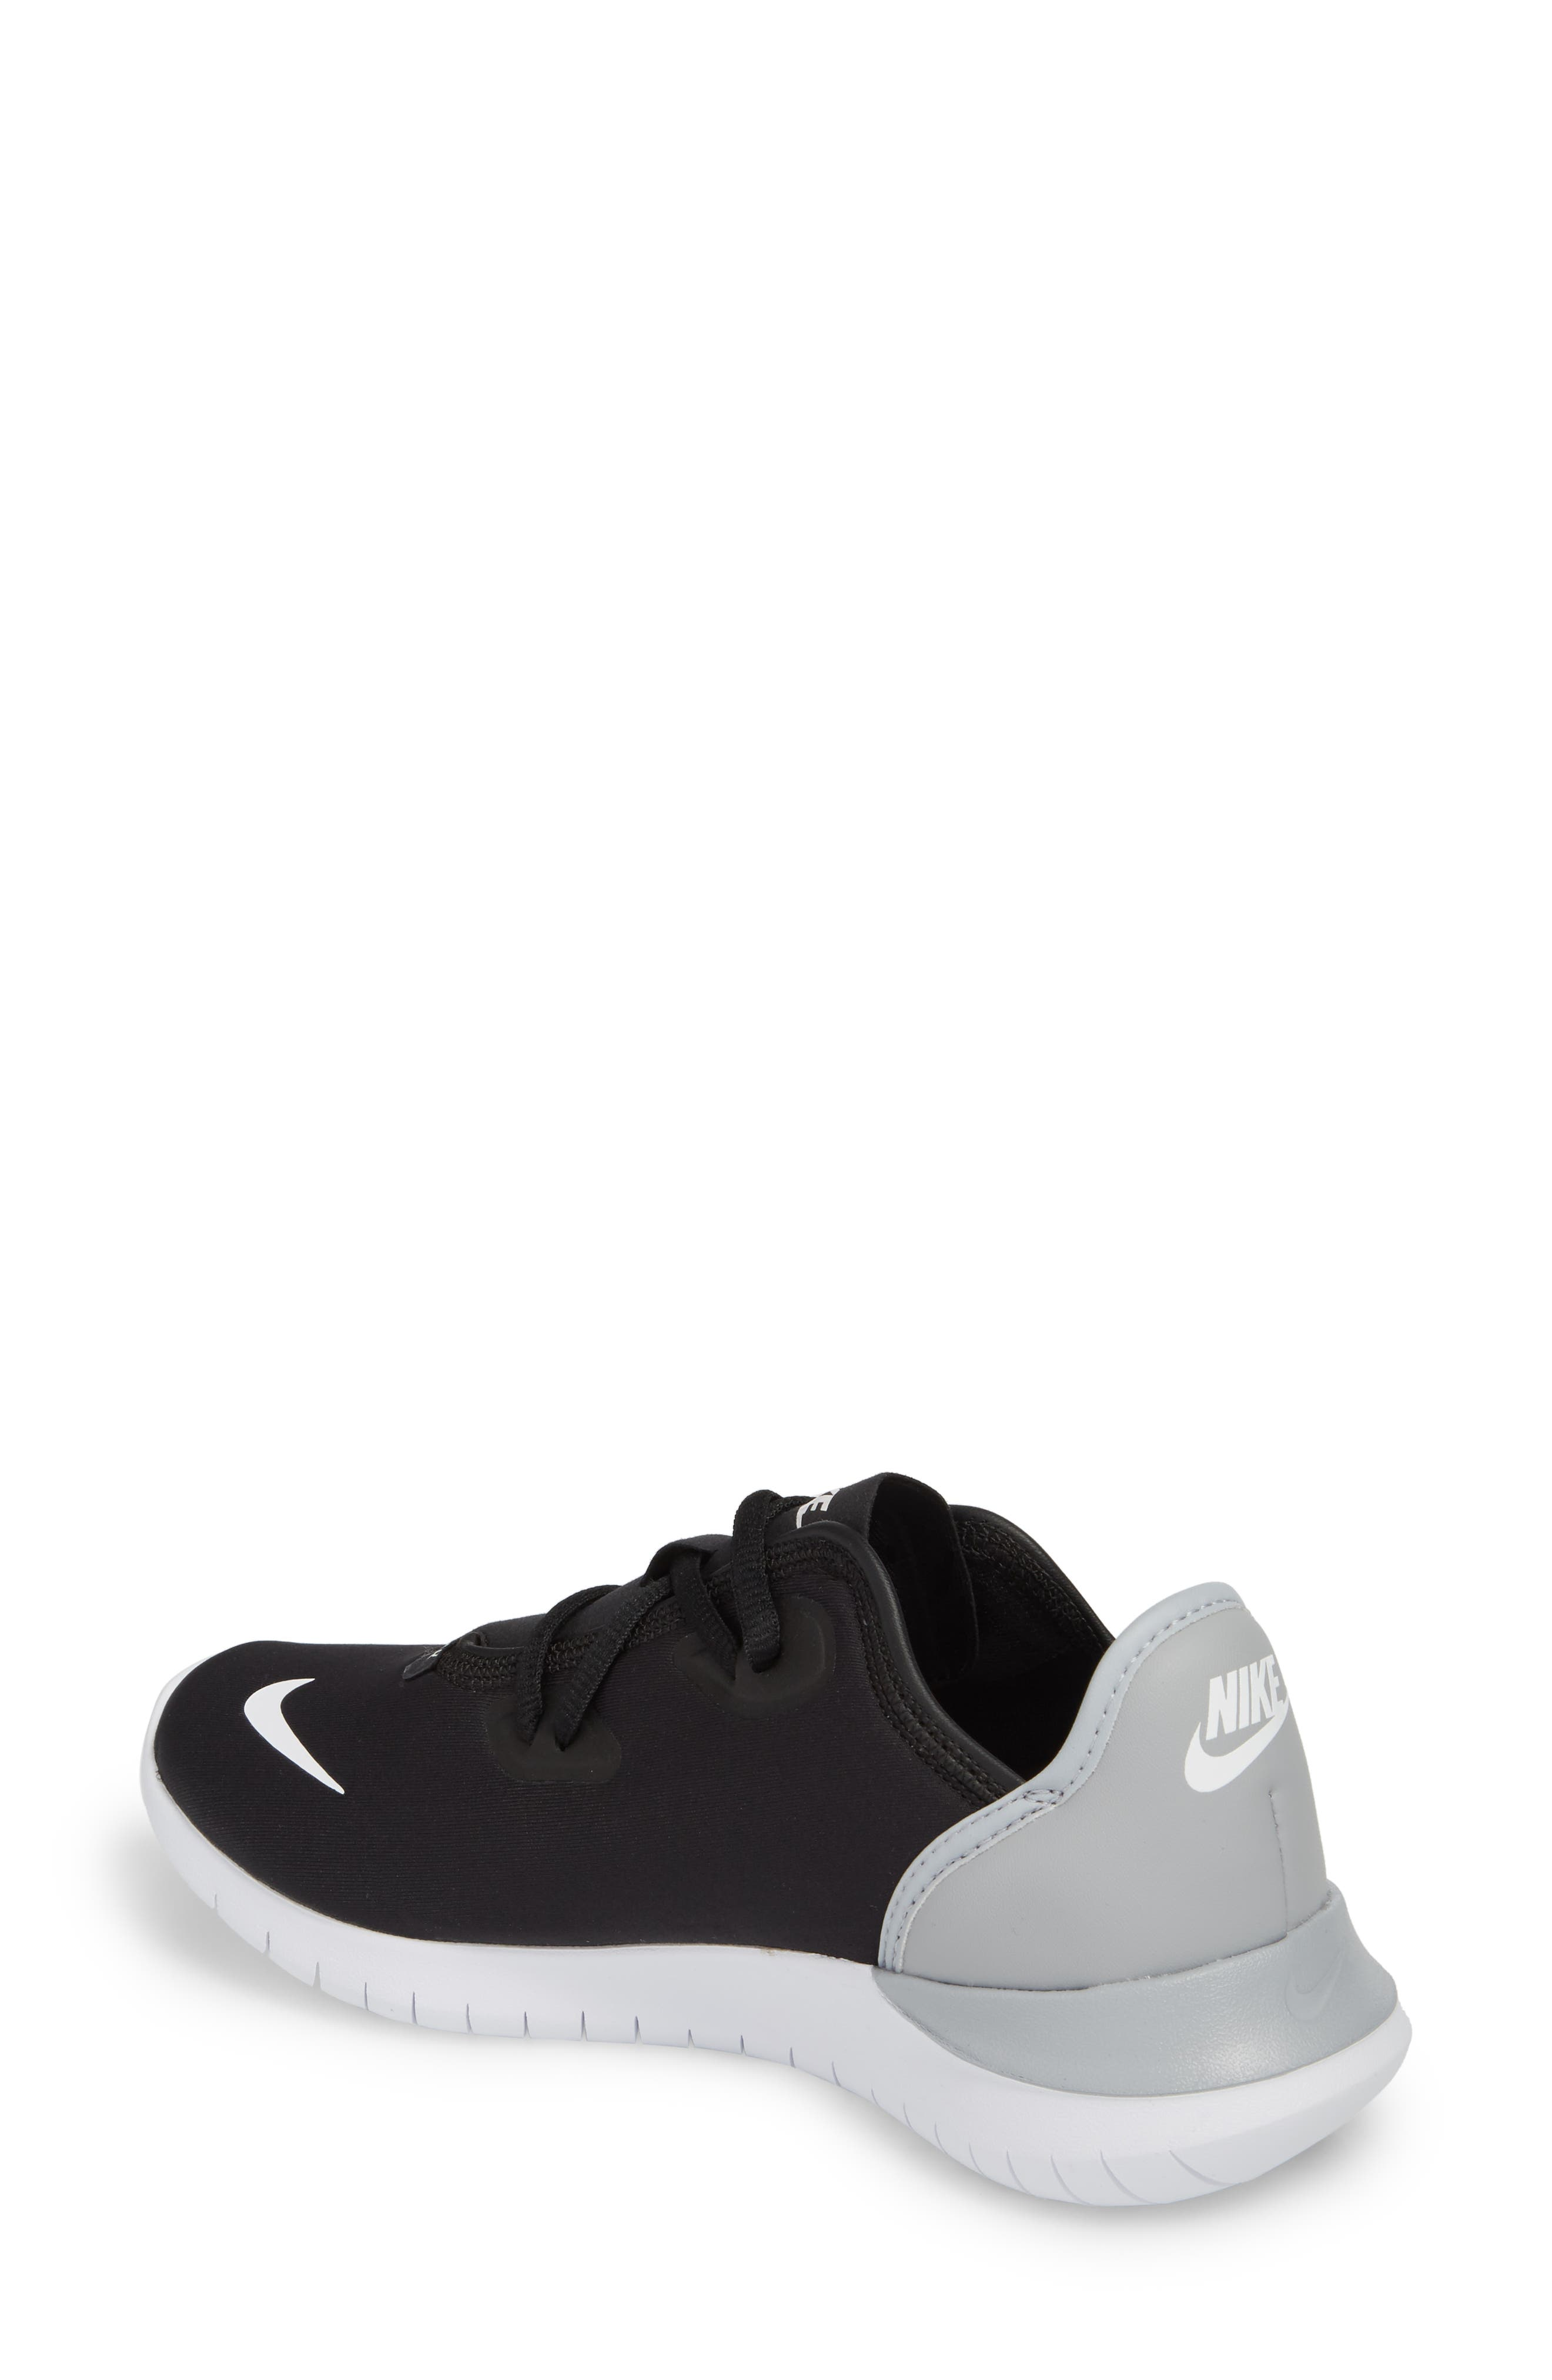 Hakata Sneaker,                             Alternate thumbnail 2, color,                             BLACK/ WHITE